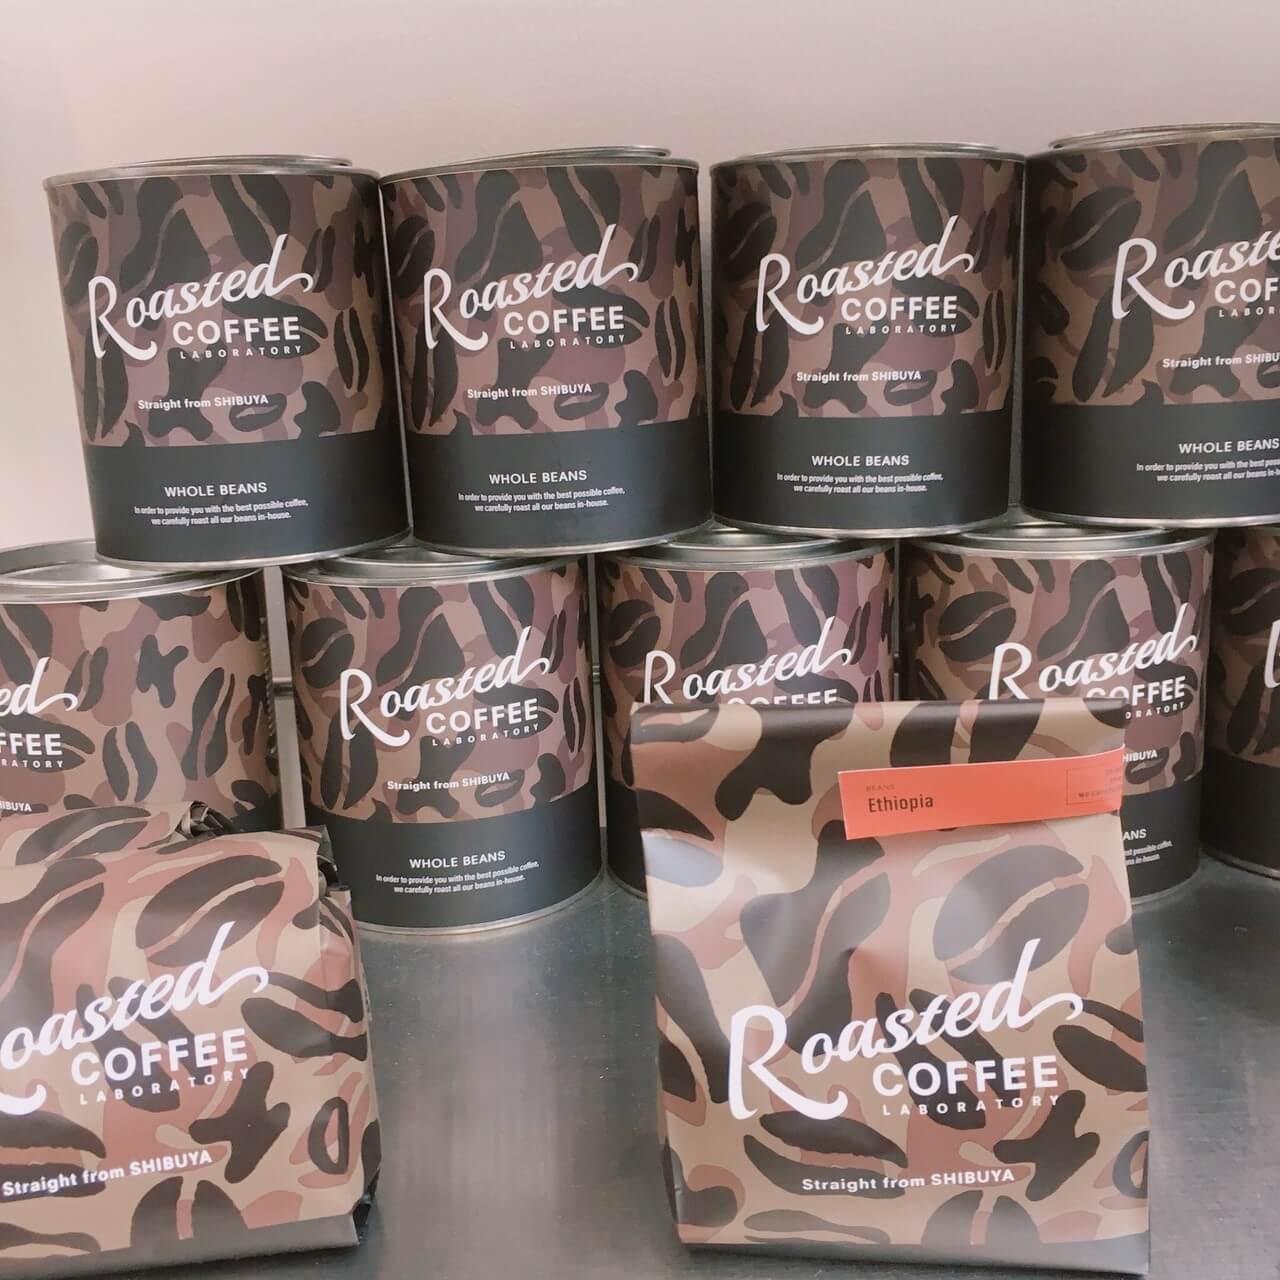 ローステッドコーヒーラボラトリー